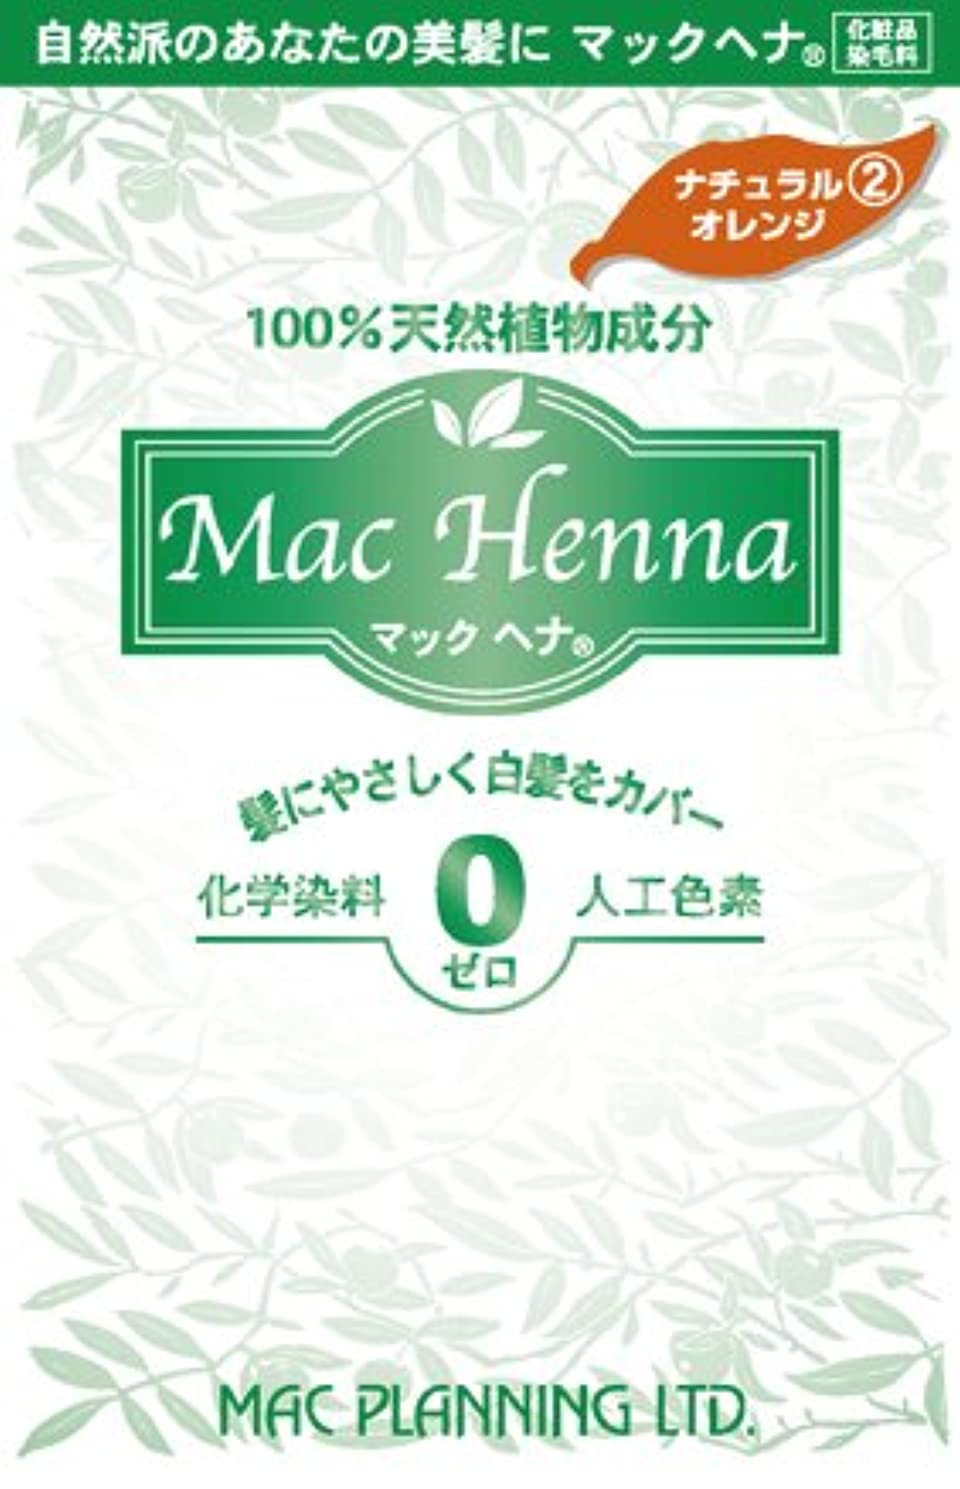 ブランチ影のある区別する天然植物原料100% 無添加 マックヘナ(ナチュラルオレンジ)‐2 100g 6箱セット